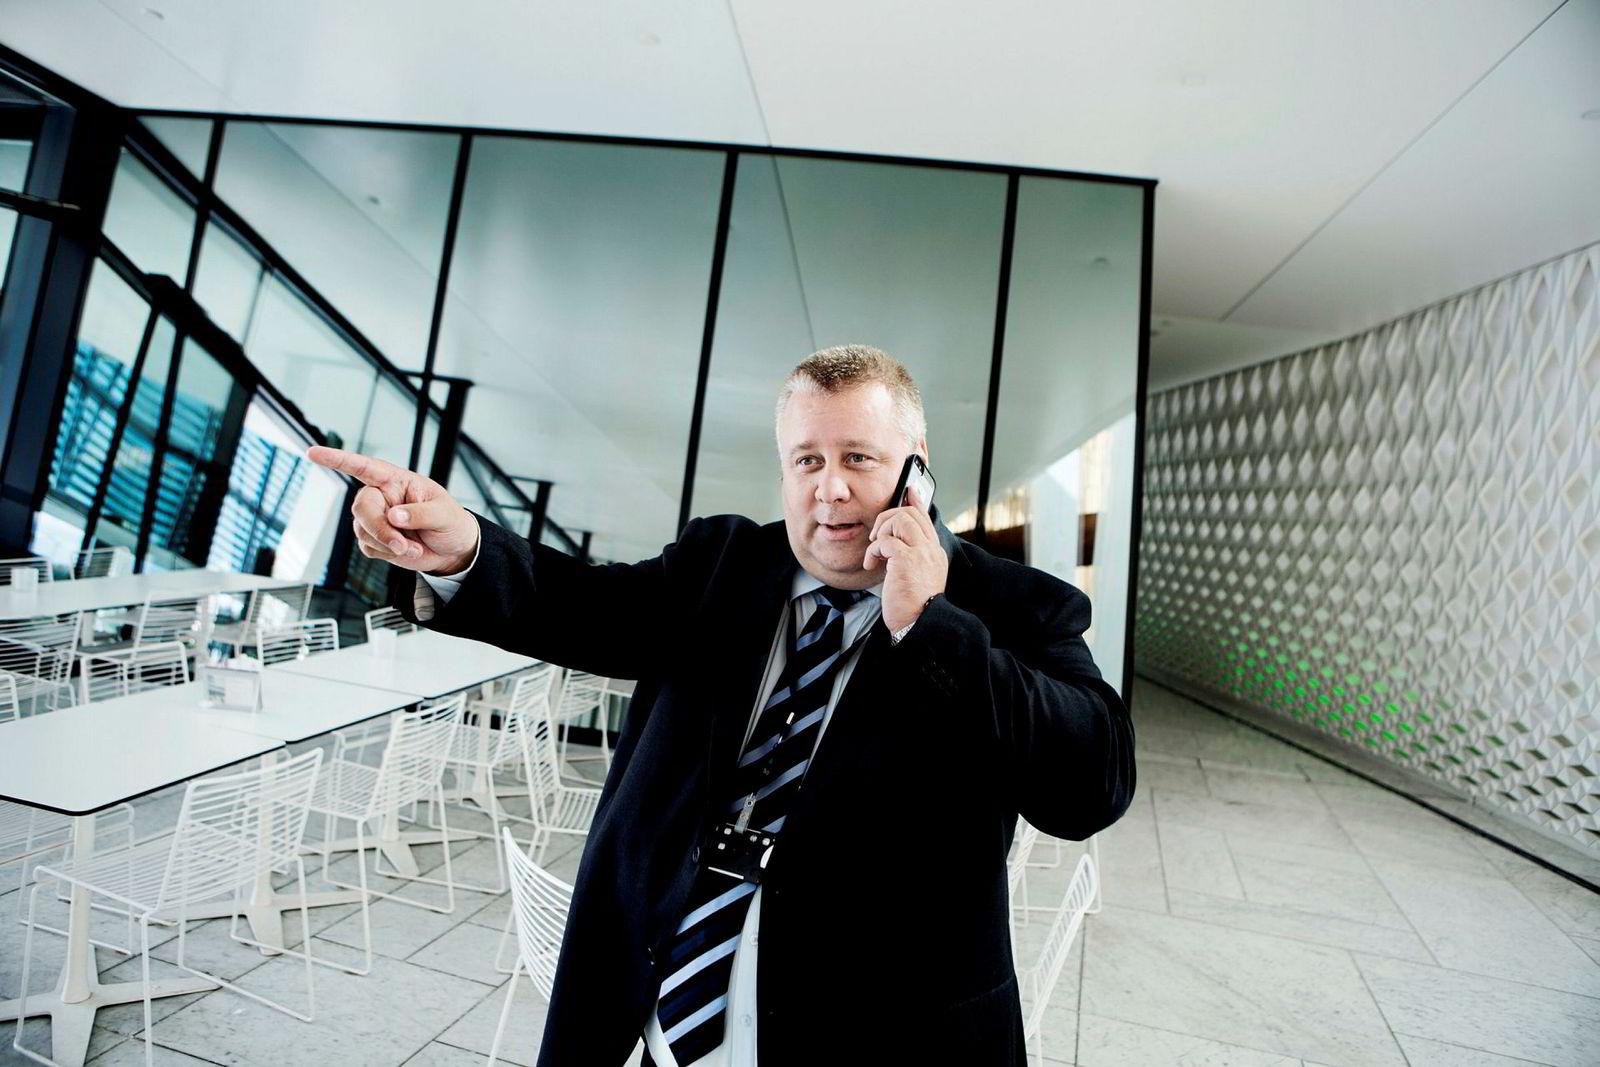 Frps helsepolitiker Bård Hoksrud blir etter det DN erfarer ny landbruksminister.